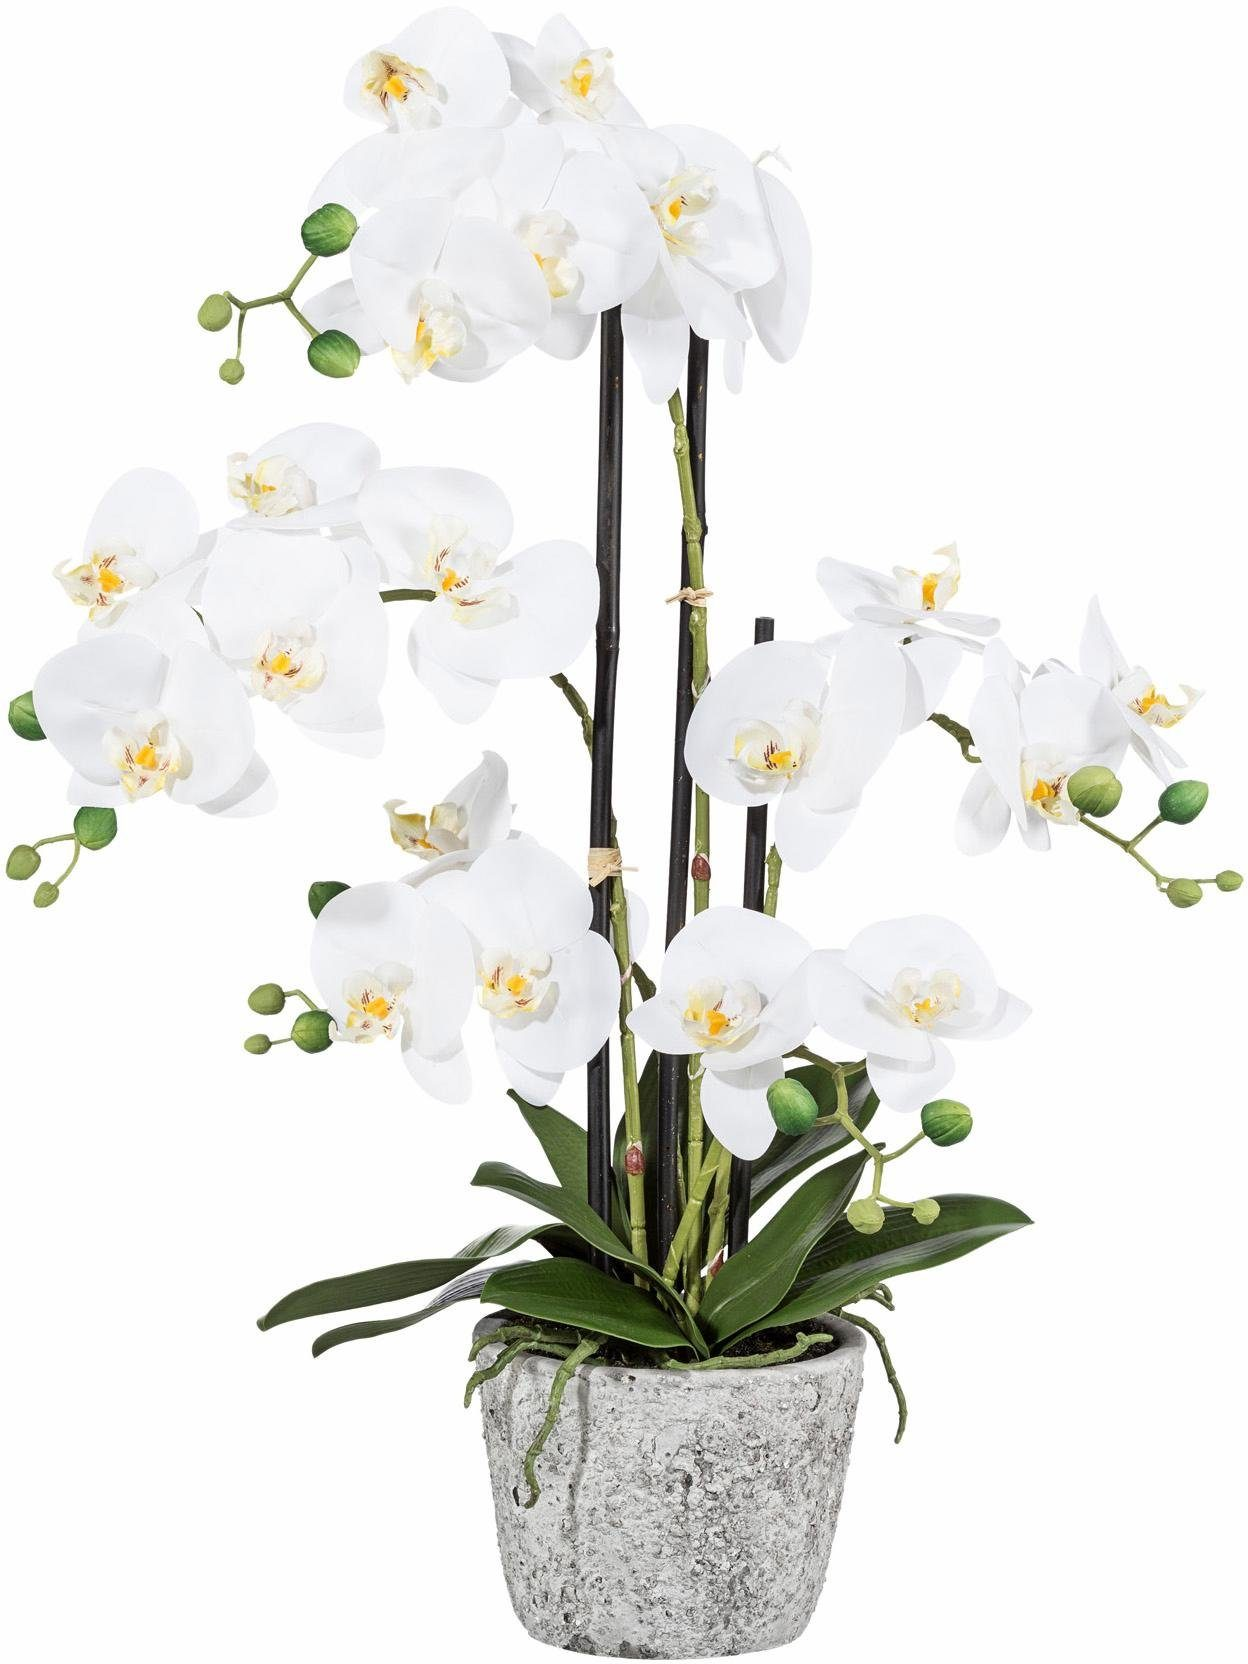 Home affaire Kunstblume »Orchidee« mit 5 Stielen im Zementtopf